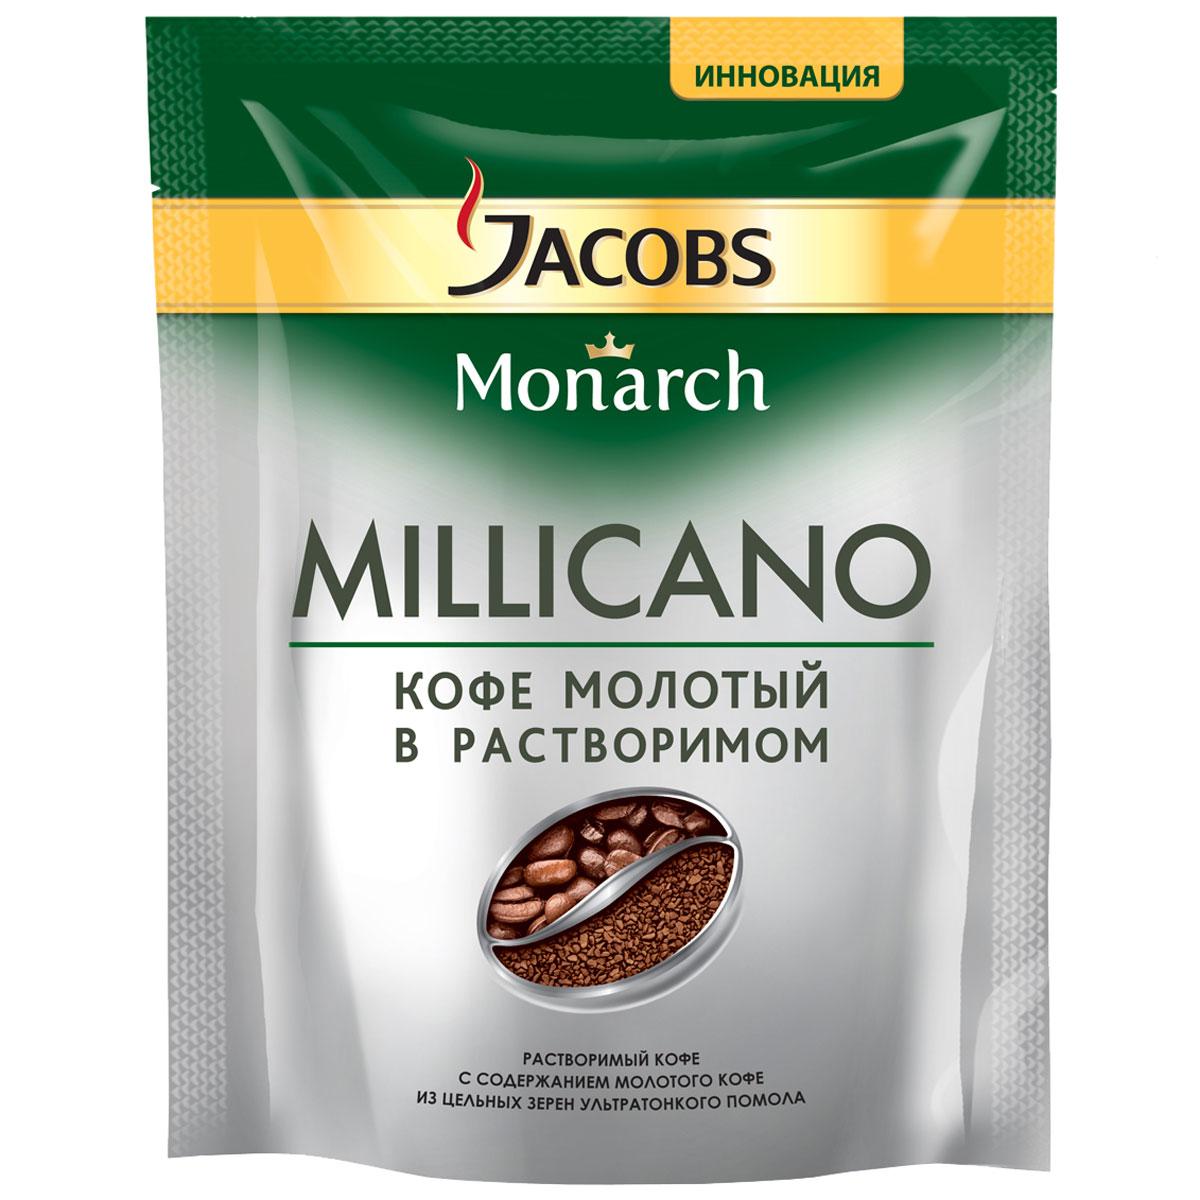 Jacobs Monarch Millicano кофе растворимый, 150 г (пакет)8714858476611Jacobs Monarch Millicano - это кофе нового поколения молотый в растворимом. Новый Jacobs Monarch Millicano соединил в себе все лучшее от растворимого и натурального молотого кофе - плотный насыщенный вкус, богатый аромат и быстроту приготовления. Благодаря специальной технологии производства каждая растворимая гранула Millicano содержит в себе частички цельных обжаренных зерен ультратонкого помола, которые отчетливо раскрывают характер кофейного зерна в каждой чашке.